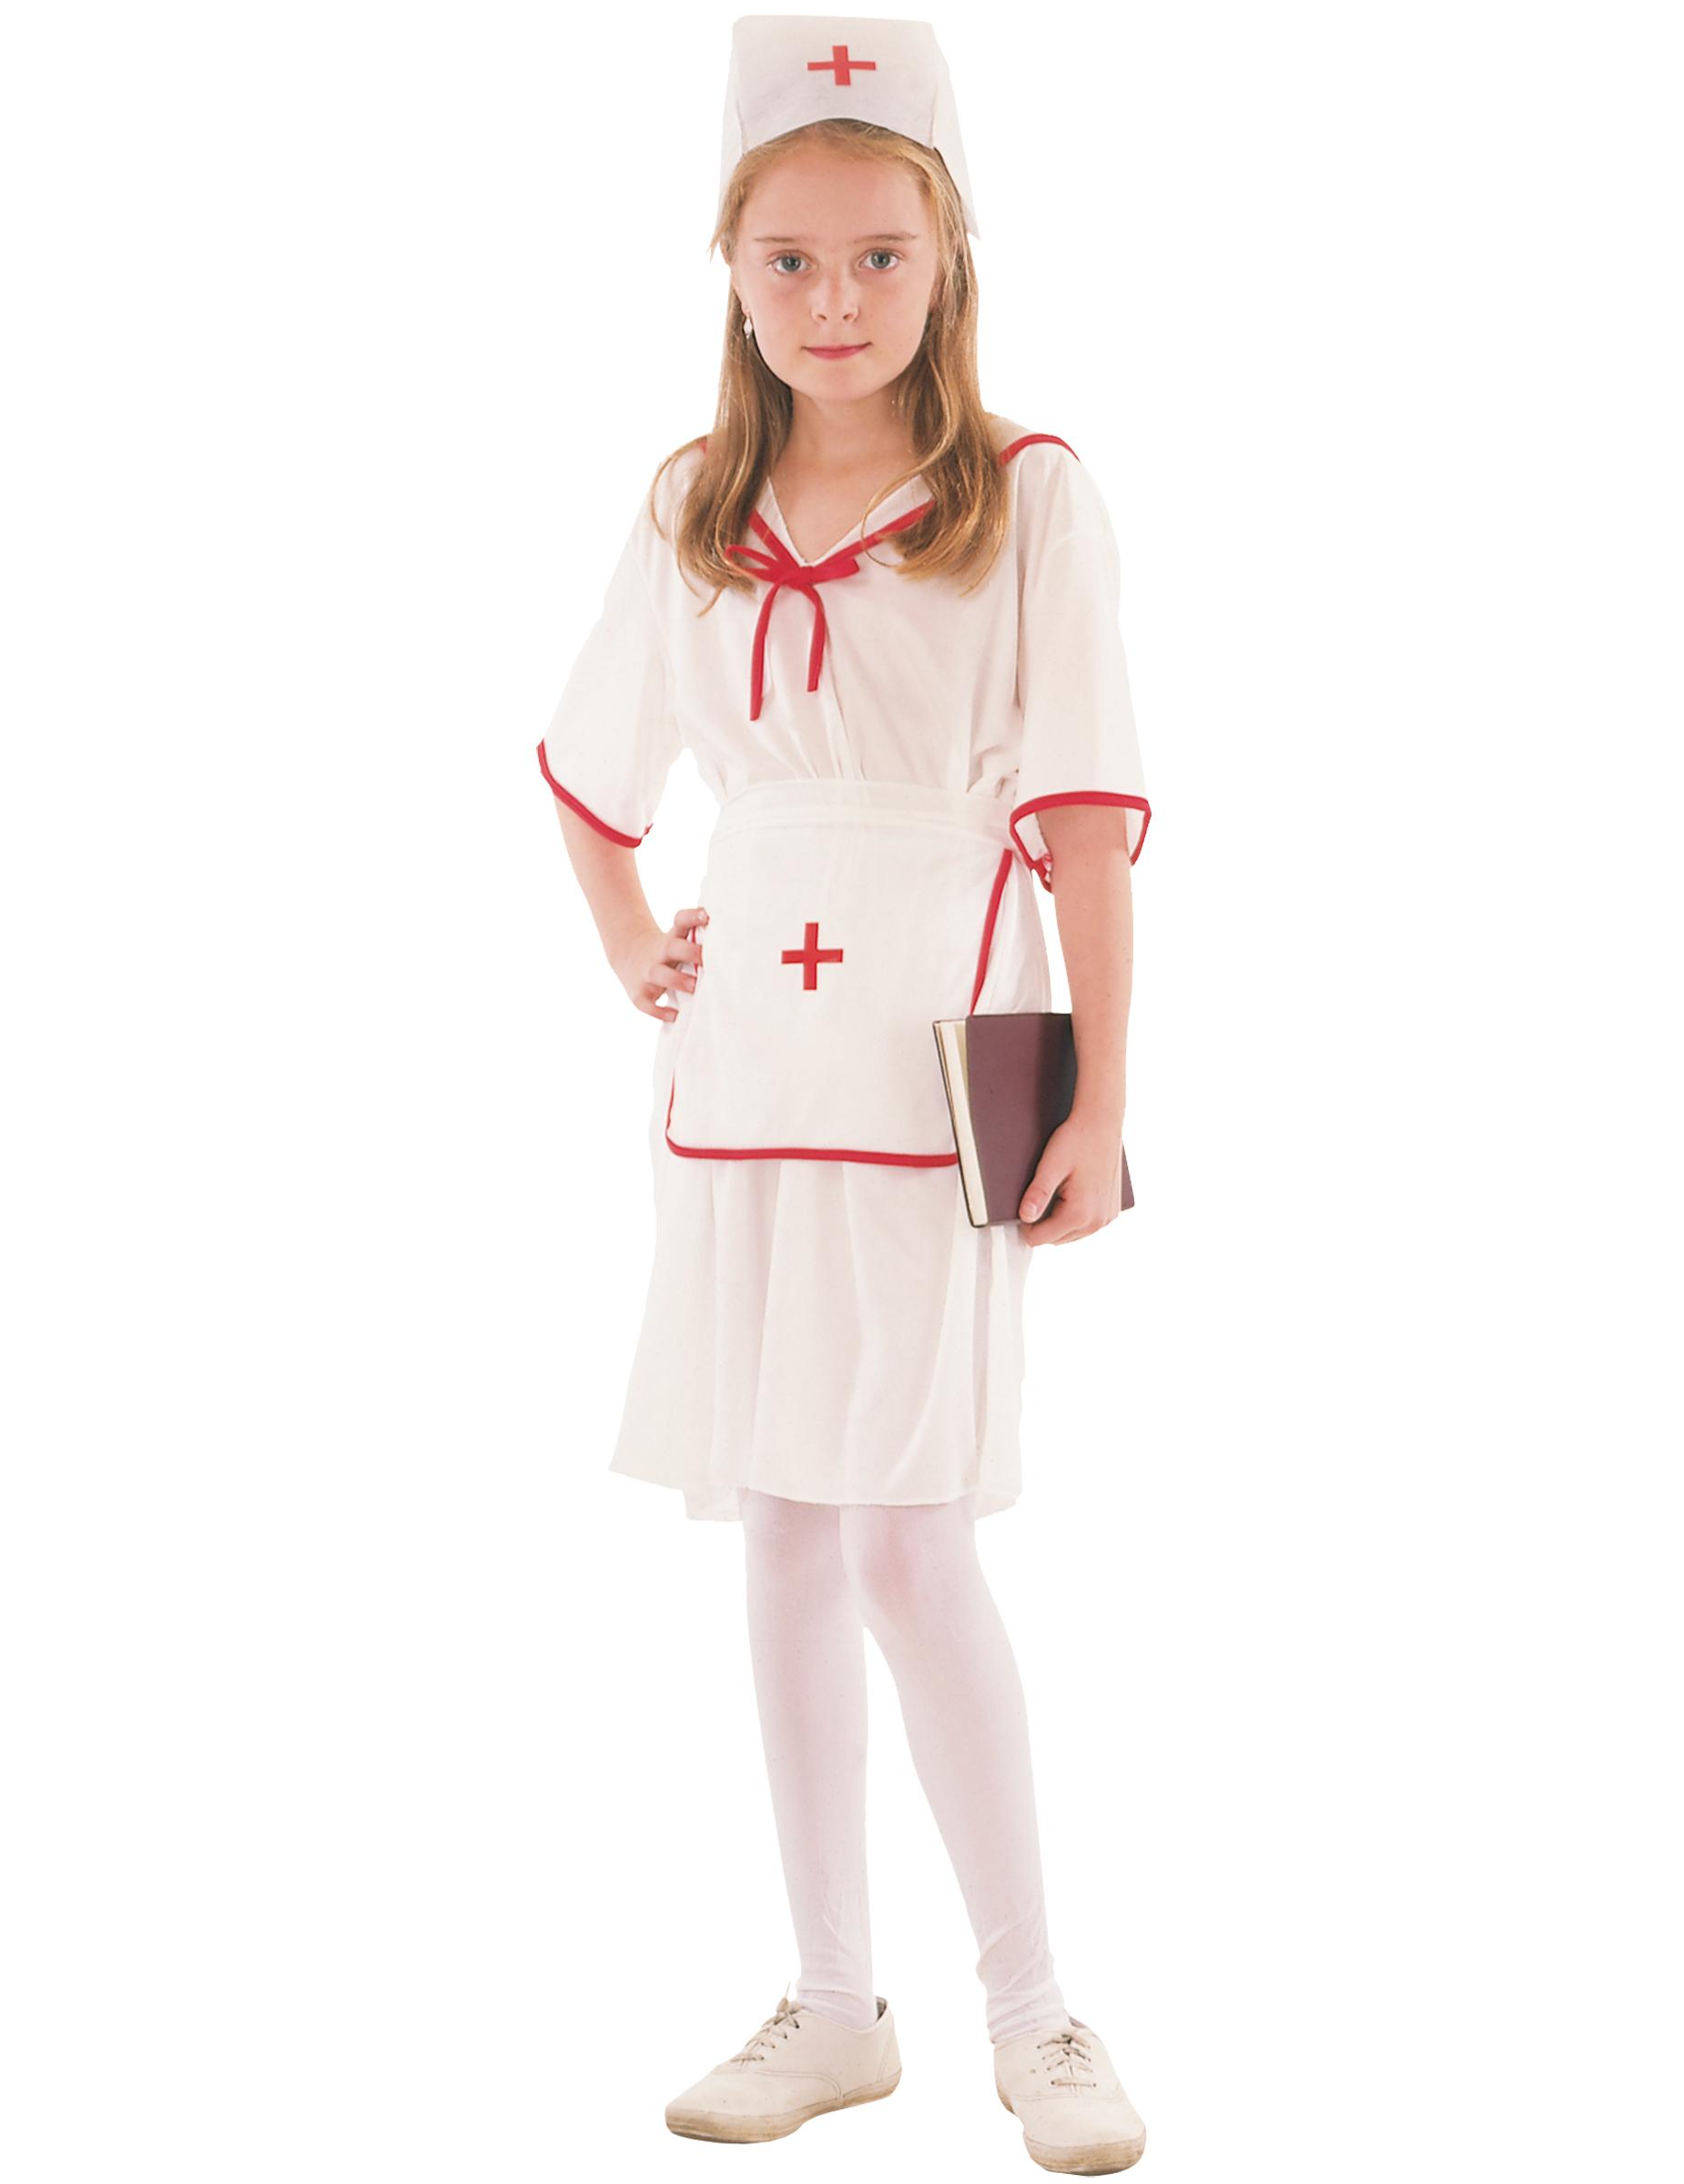 Costume da infermiera con cuffia Bambina  Costumi bambini b81c724fd272